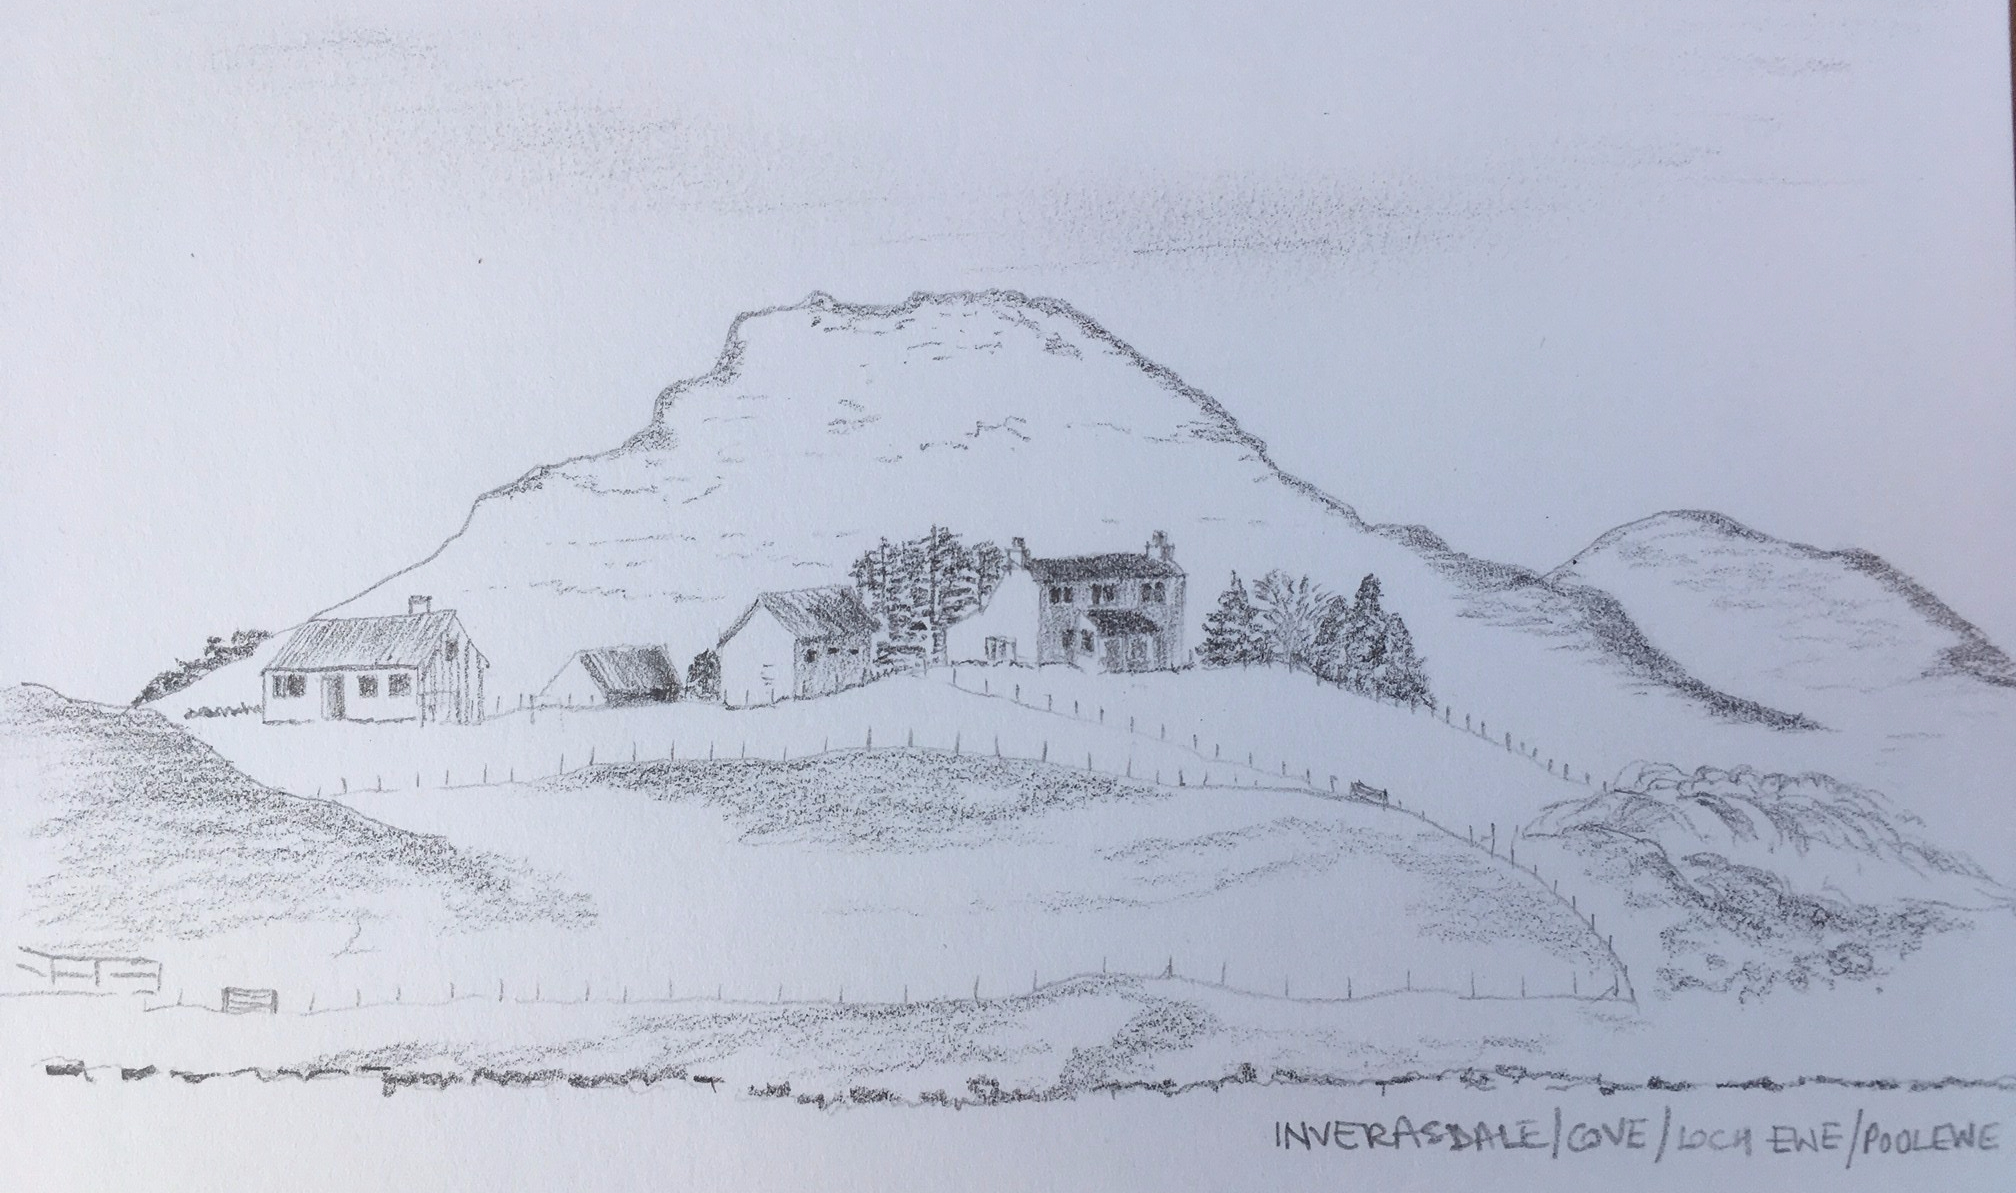 Inverasdale